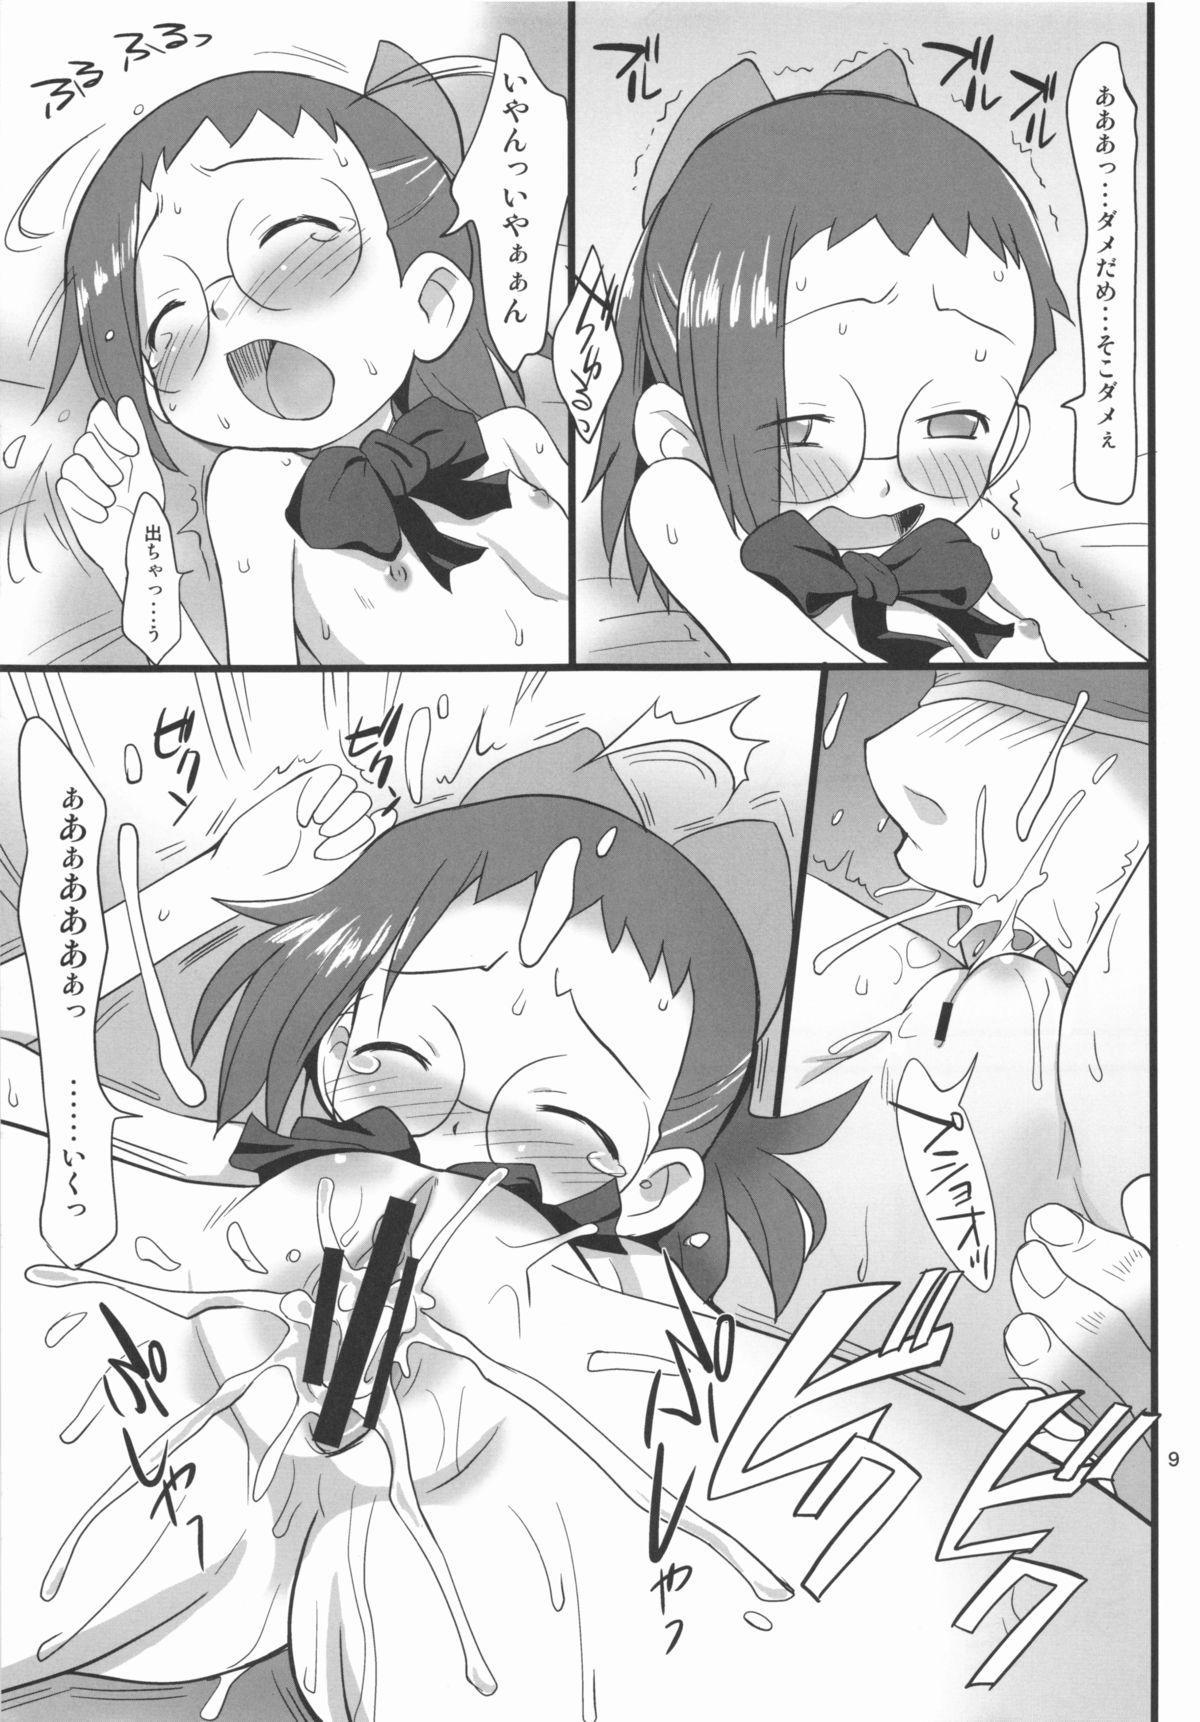 Watashi no Jikan Yuugure 8